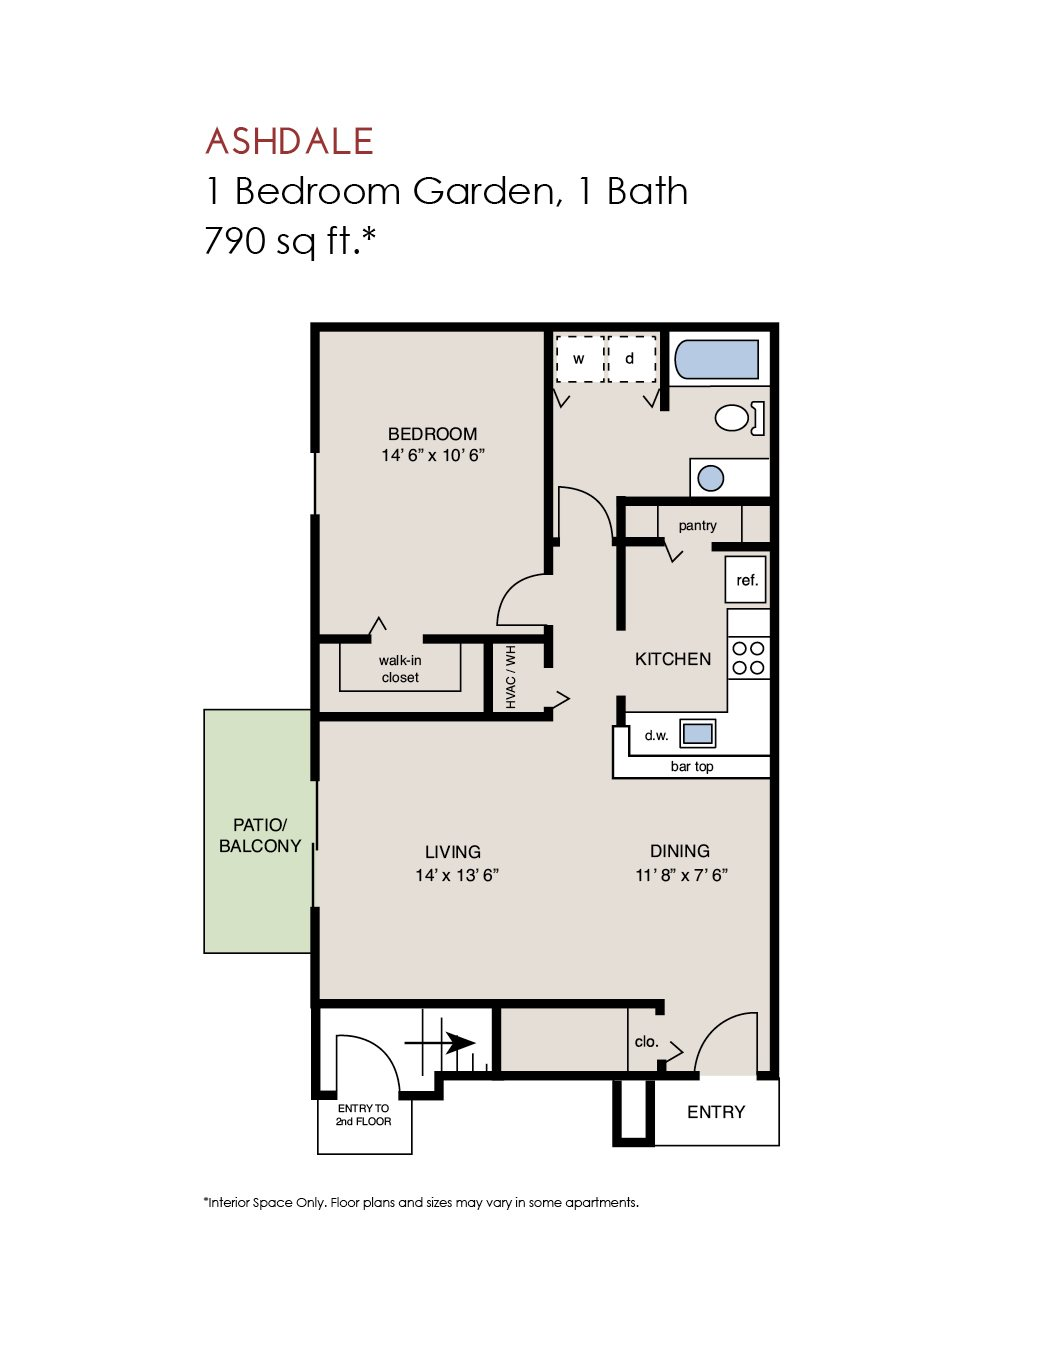 Ashdale - 1 Bedroom Garden